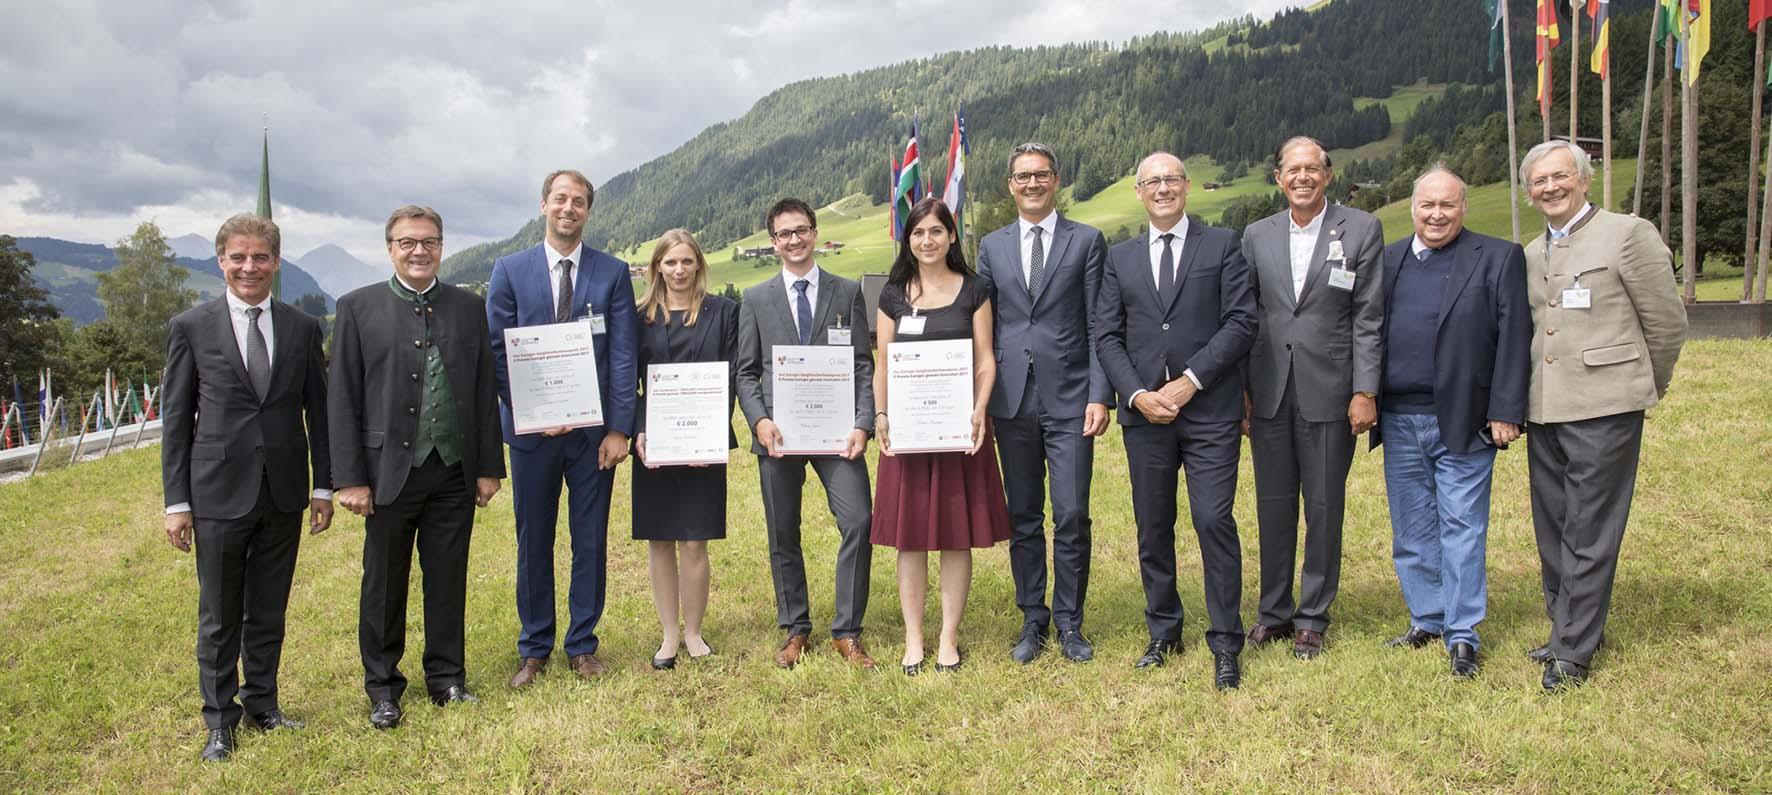 premiazione dei giovani ricercatori euregio 2017 Bergmeister Platter Lechner Schallhart Rauter Plangger Kompatscher Rossi Bodenseer Bort e Ebner